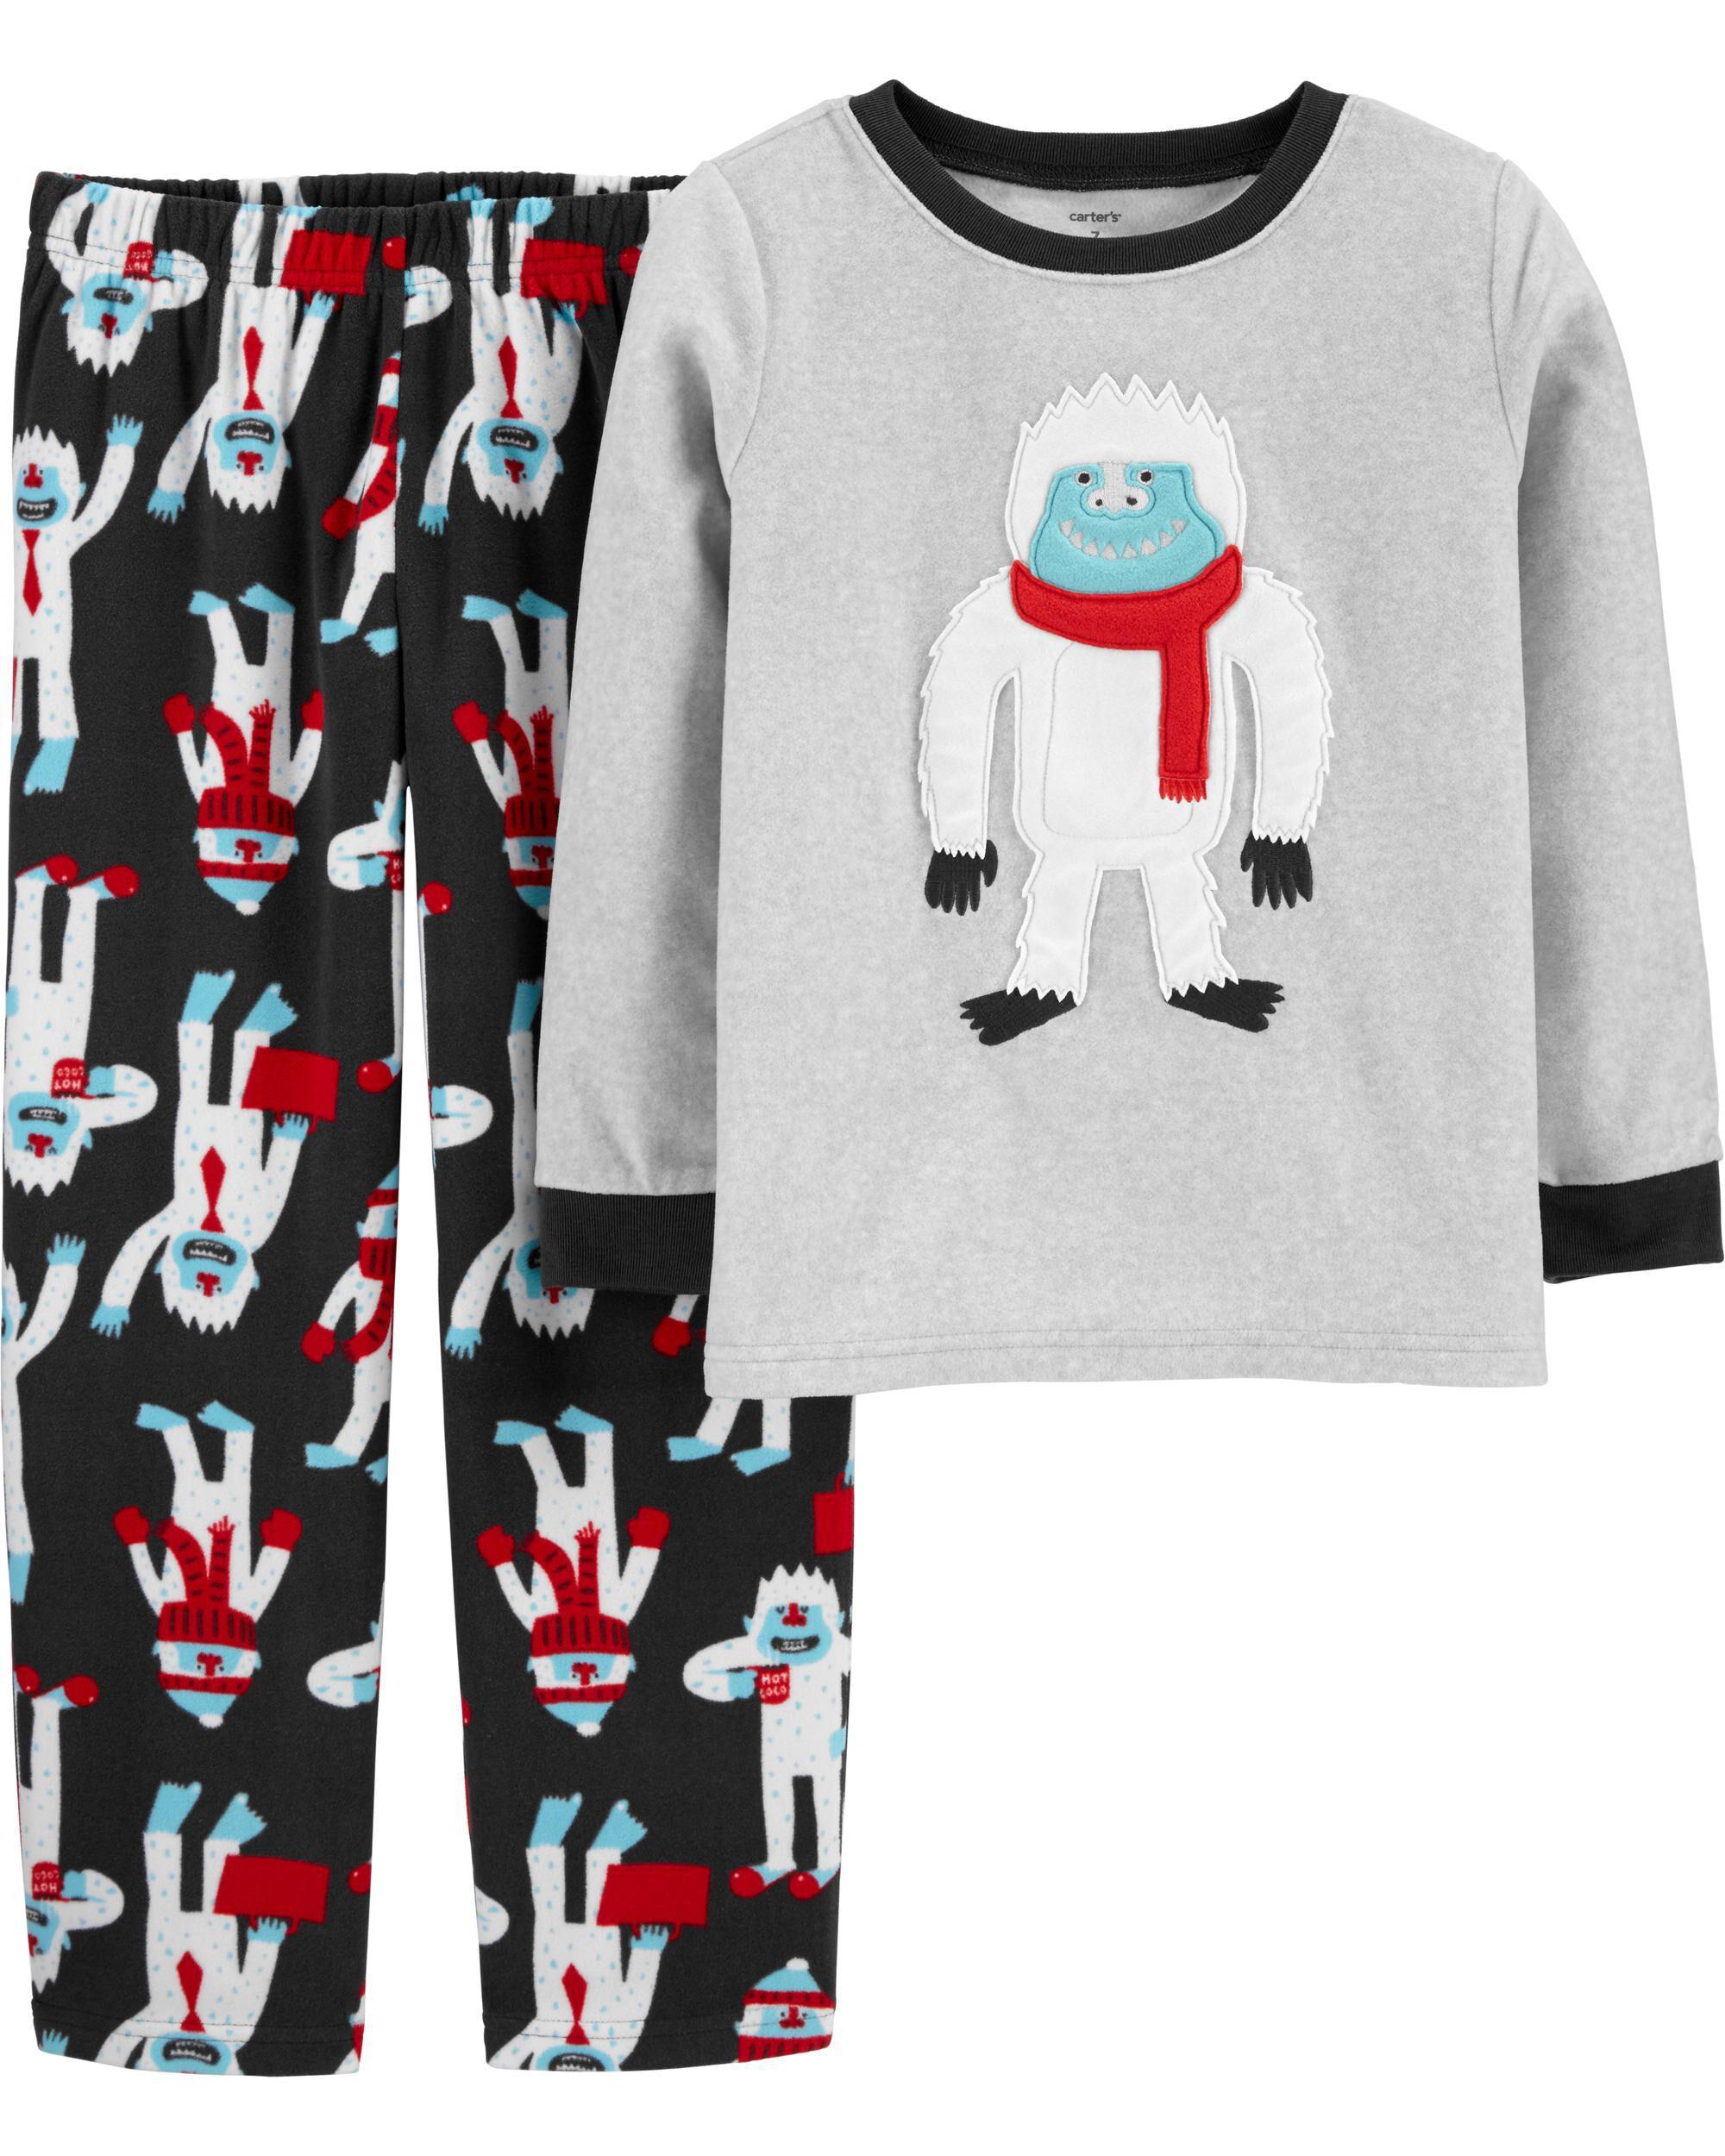 *DOORBUSTER* 2-Piece Abominable Snowman Fleece PJs